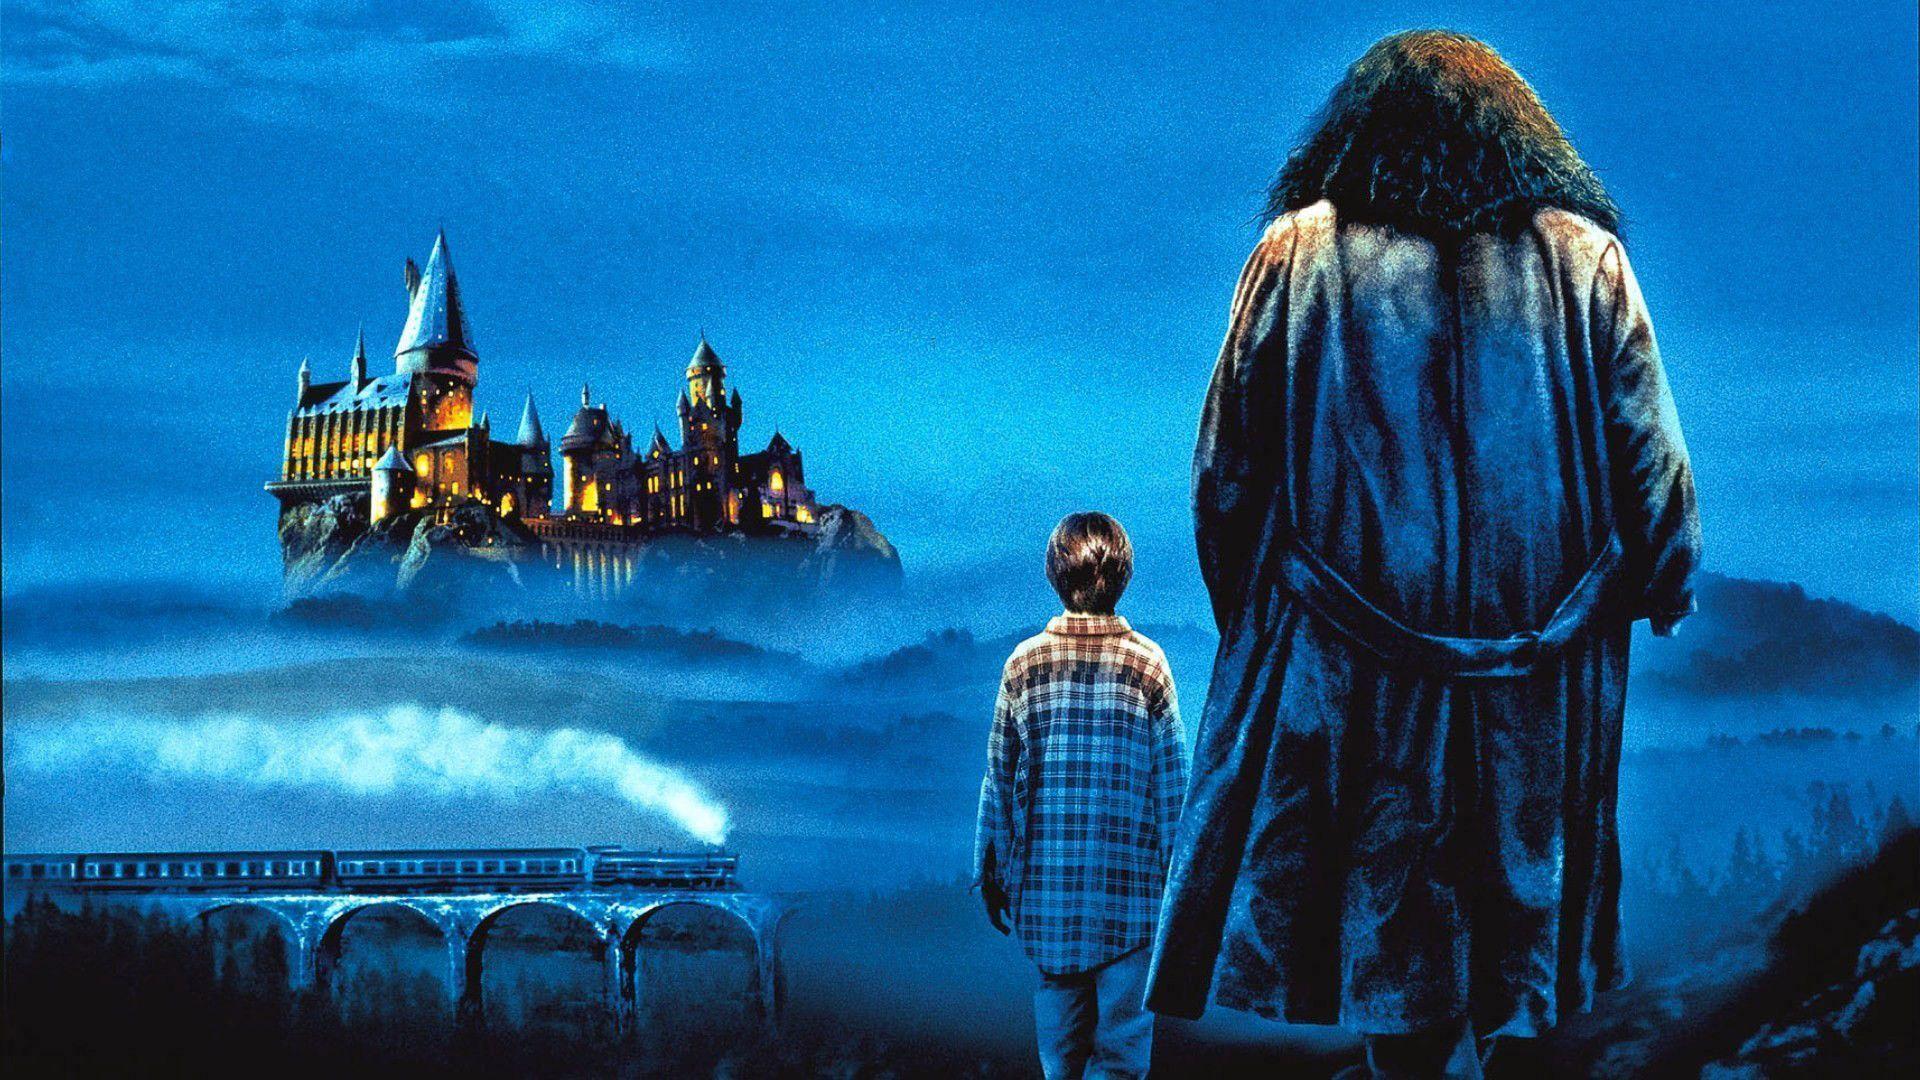 Hogwarts Harry Potter Desktop Wallpapers Top Free Hogwarts